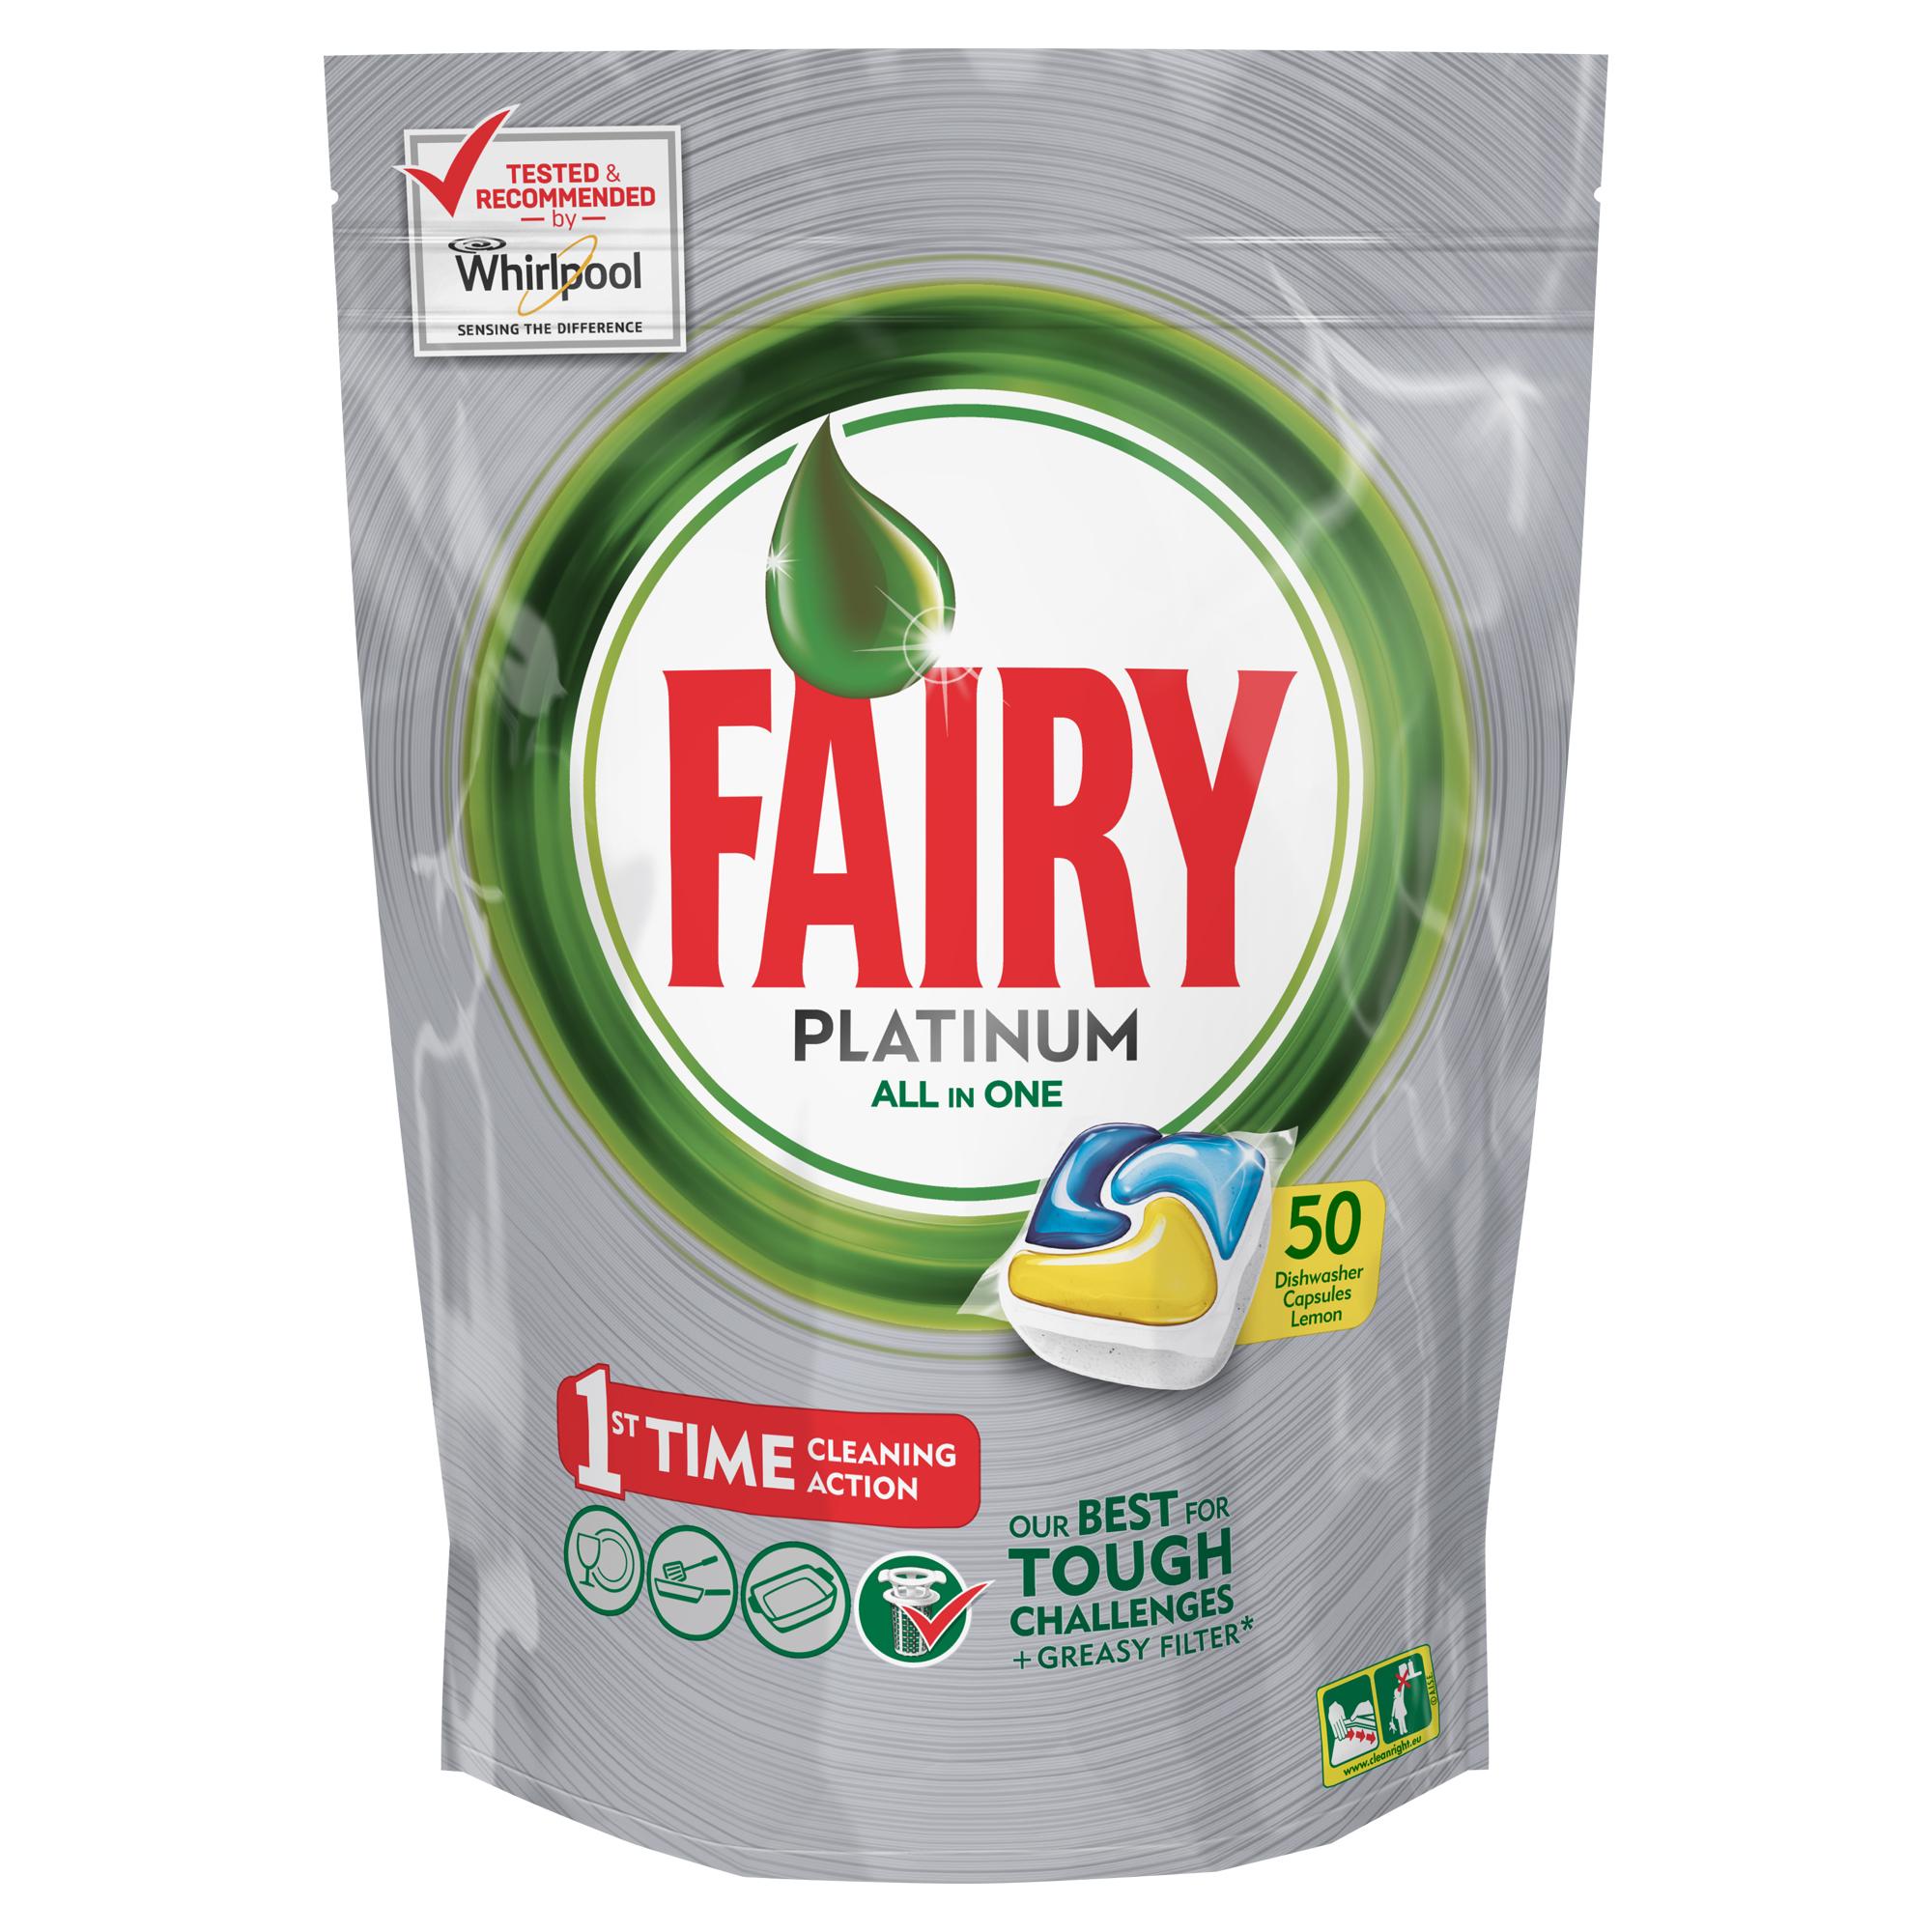 Капсулы для посудомоечной машины Fairy Platinum Лимон, 50 штFR-81607017Капсулы для посудомоечной машины Fairy Platinum All in One идеально отмоют посуду с 1-го раза и безупречно справятся с любыми сложными загрязнениями – от засохшего и пригоревшего жира до пятен от чая. С новыми капсулами Fairy Platinum ваша посуда будет сиять благодаря специальной формуле с усилителем блеска. Теперь вы можете готовить что угодно и быть уверенным, что ваша машинка с легкостью справится с грязной посудой благодаря Fairy Platinum. Капсула растворяется гораздо быстрее, чем другие таблетки для посудомоечной машины, и поэтому начинает действовать немедленно. Кроме того, капсулы Fairy очень просты в использовании – просто поместите их в посудомоечную машину (не нужно распаковывать). Сила Fairy Platinum теперь и для посудомоечных машин! Лучшая формула Fairy для идеально чистой посуды с 1-го раза. Легко справится даже с засохшей и пригоревшей грязью. Капсулы для посудомоечной машины Fairy Platinum All in One dishwasher tablets Такой сильный, что очистит даже фильтр от...